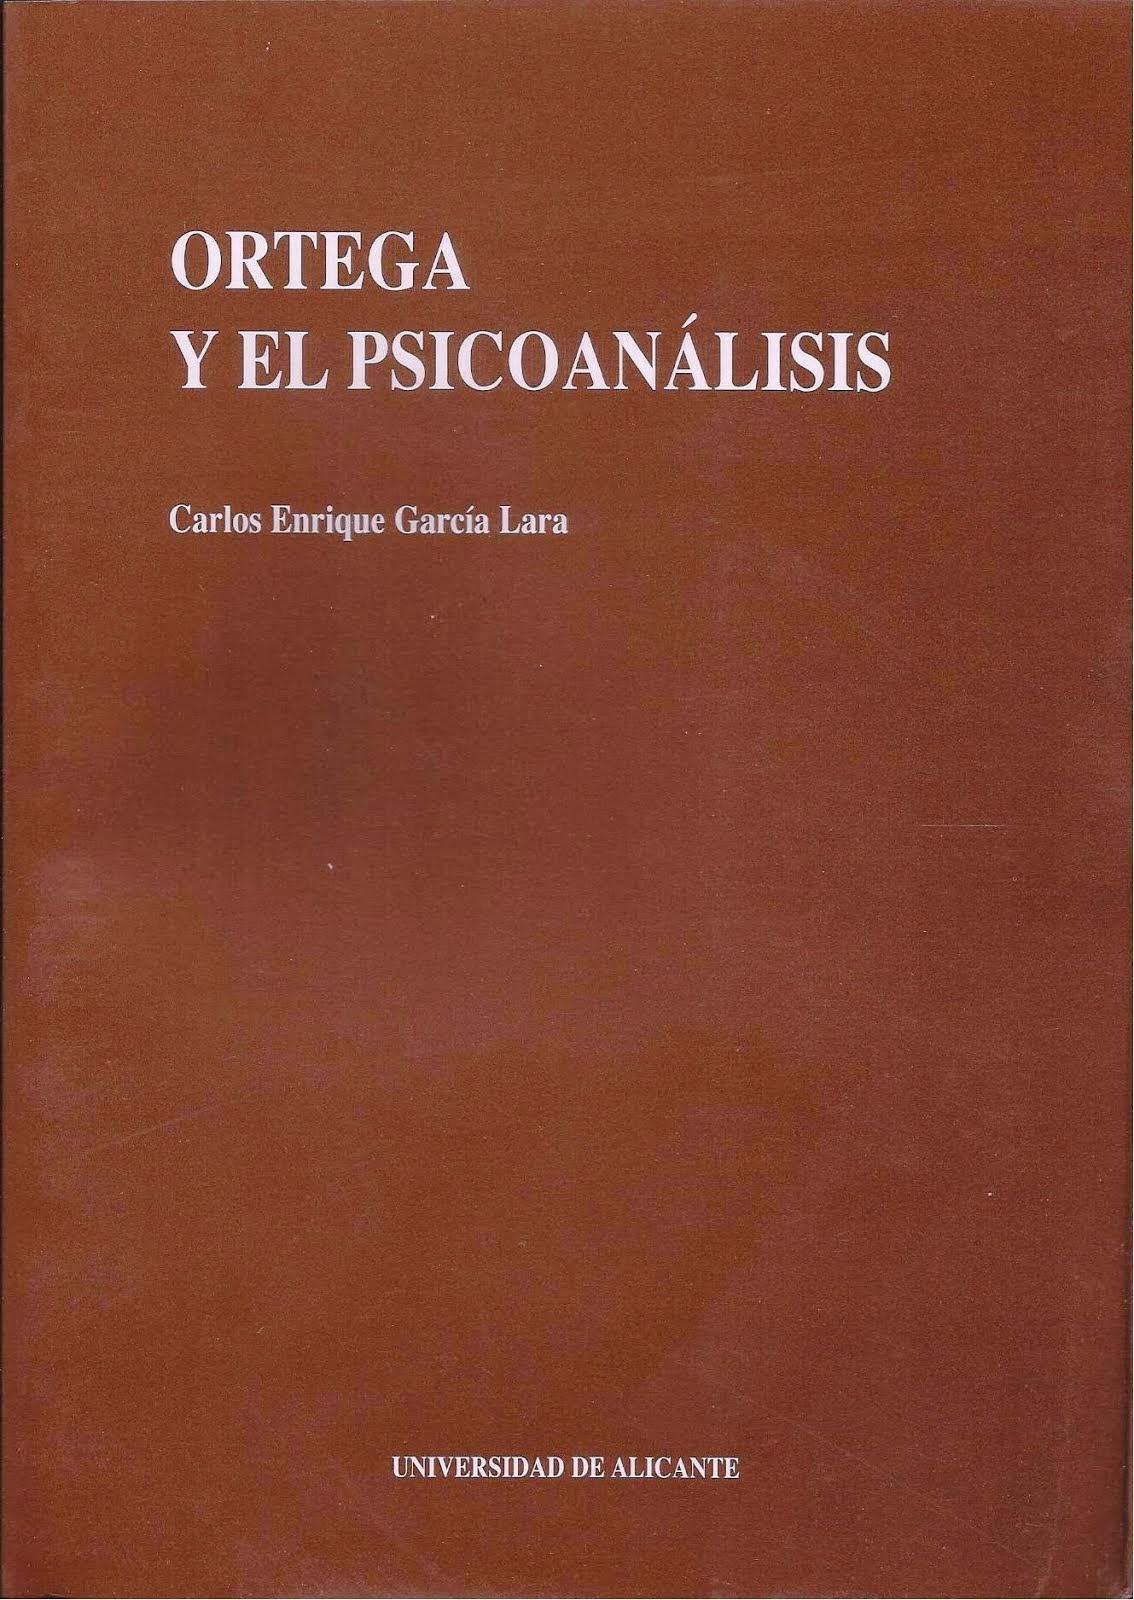 Publicación del autor.